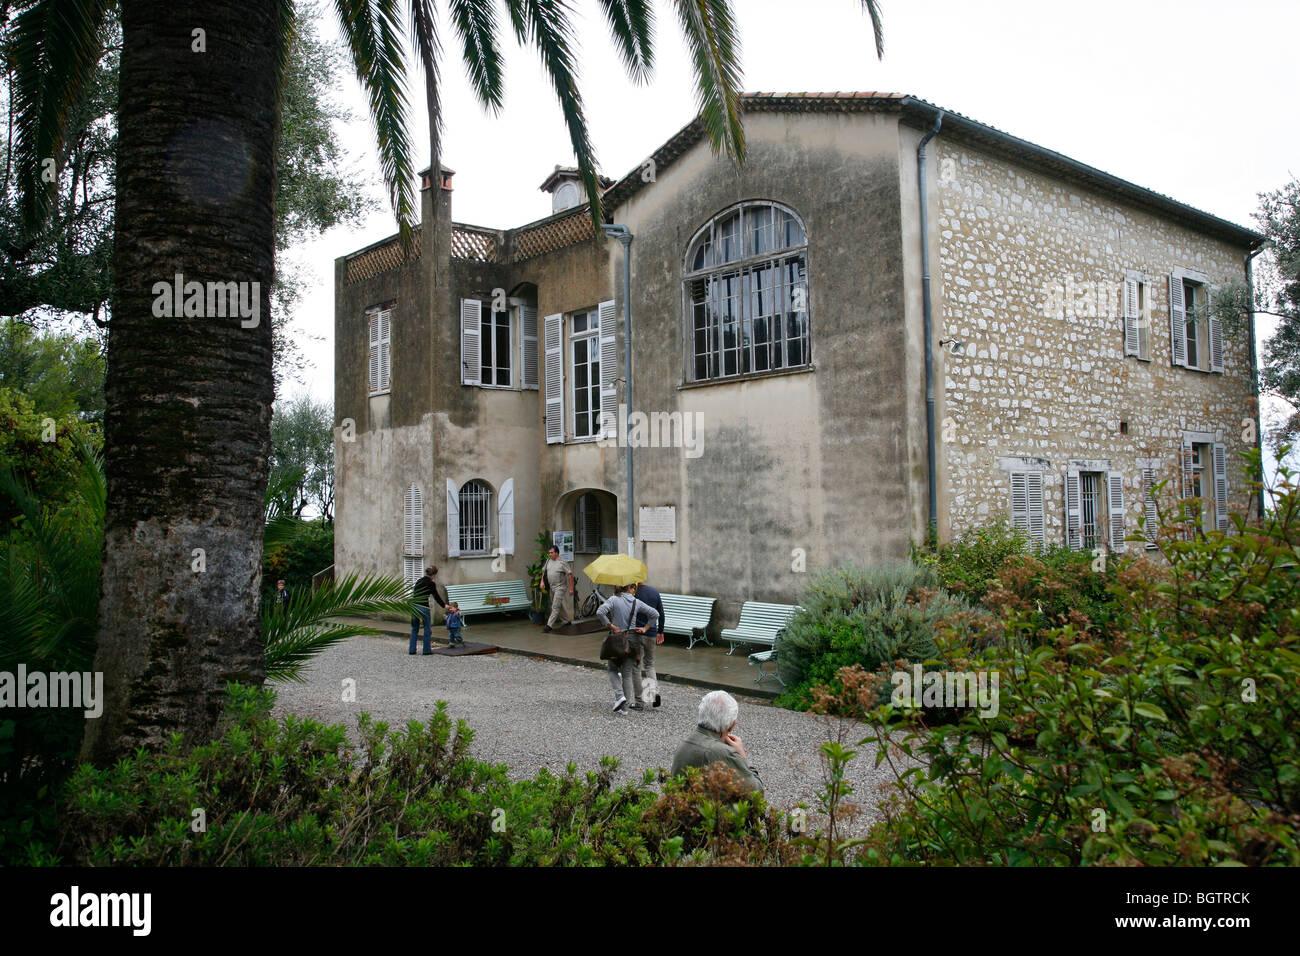 Le jardin et la maison au musée Renoir, Cagnes sur Mer, Alpes Maritimes Provence, France. Photo Stock